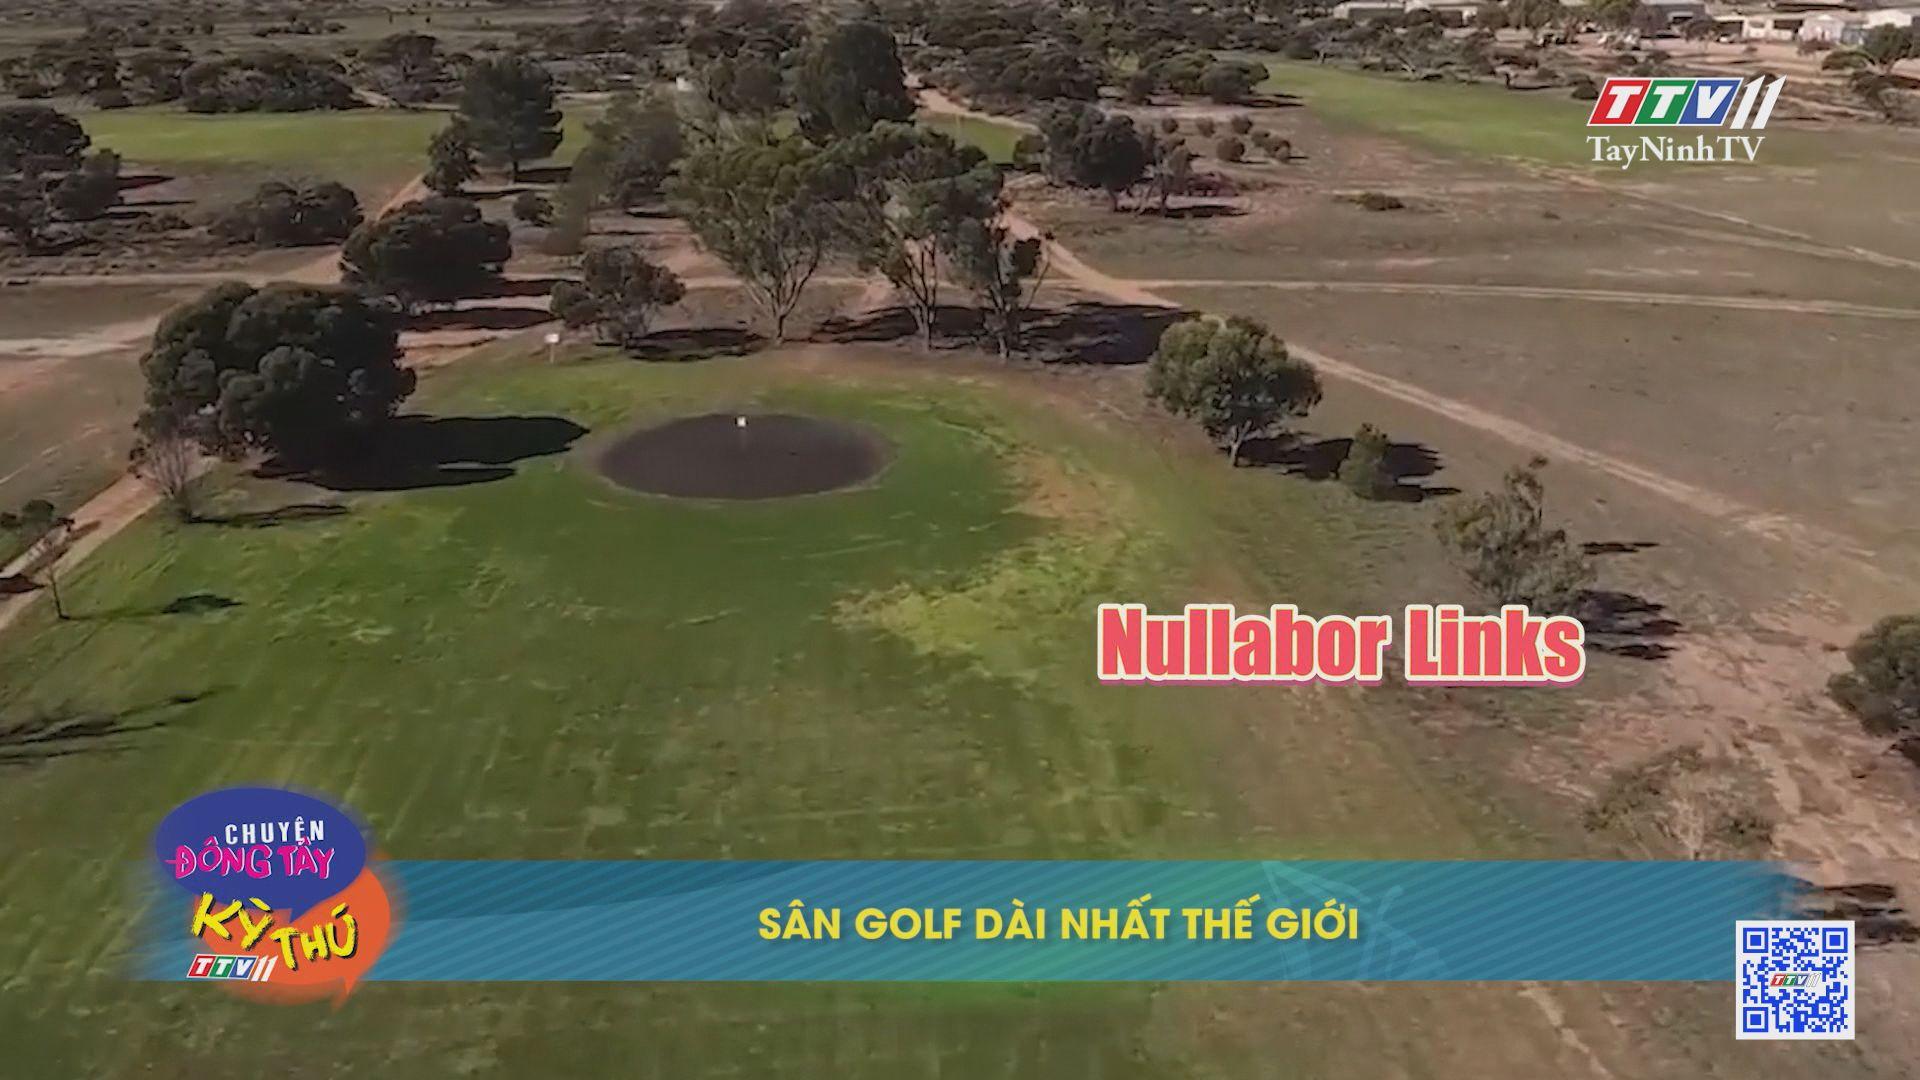 Sân golf dài nhất thế giới | CHUYỆN ĐÔNG TÂY KỲ THÚ | TayNinhTVE